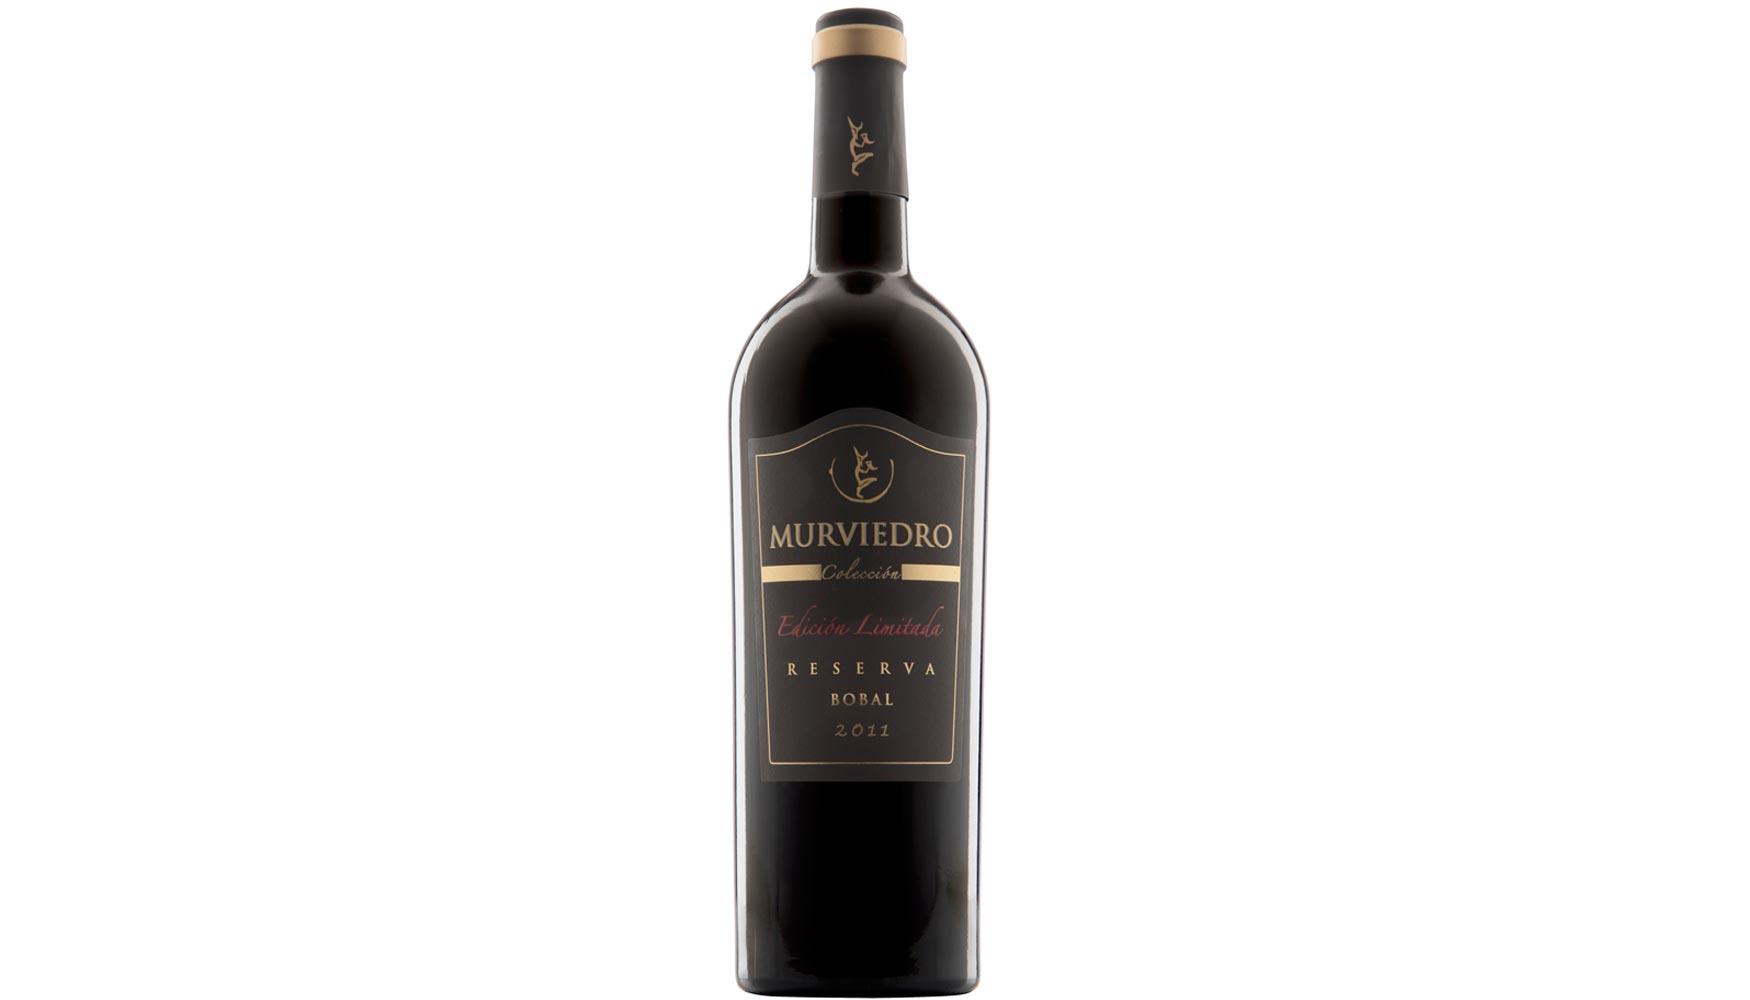 Murviedro Colección Reserva Bobal 2011 obtiene la máxima puntuación en el Top 100 España de Gilbert&Gaillard